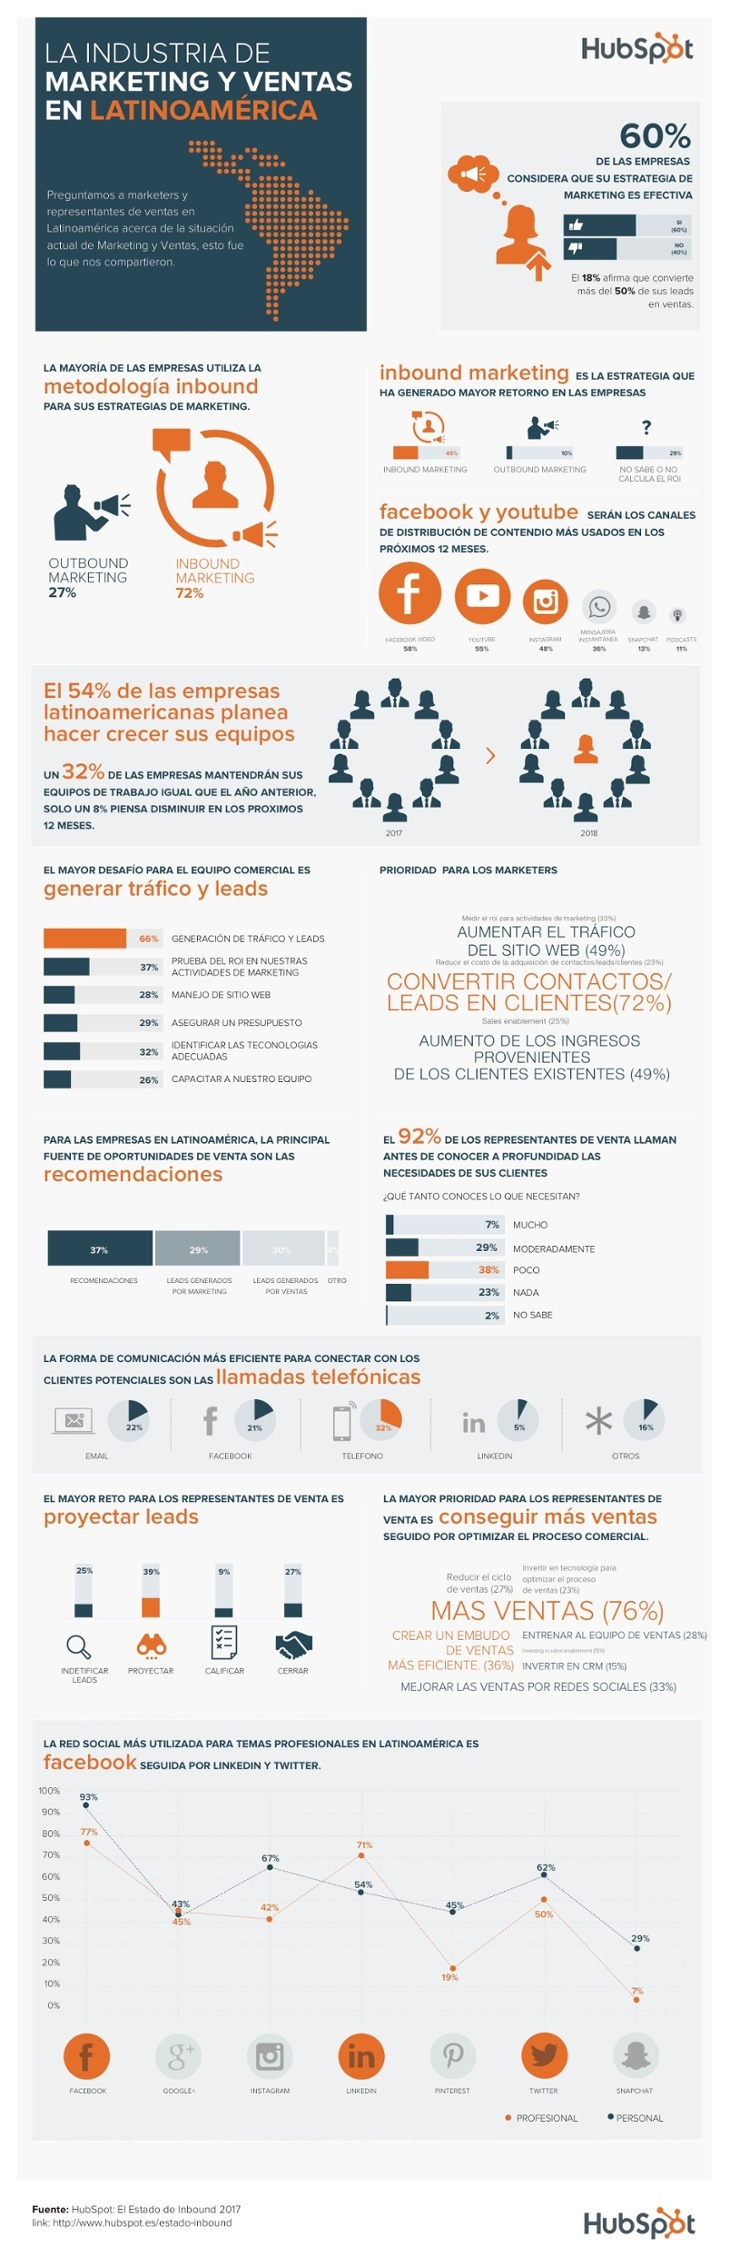 Tendencias Marketing Latinoamérica.jpg